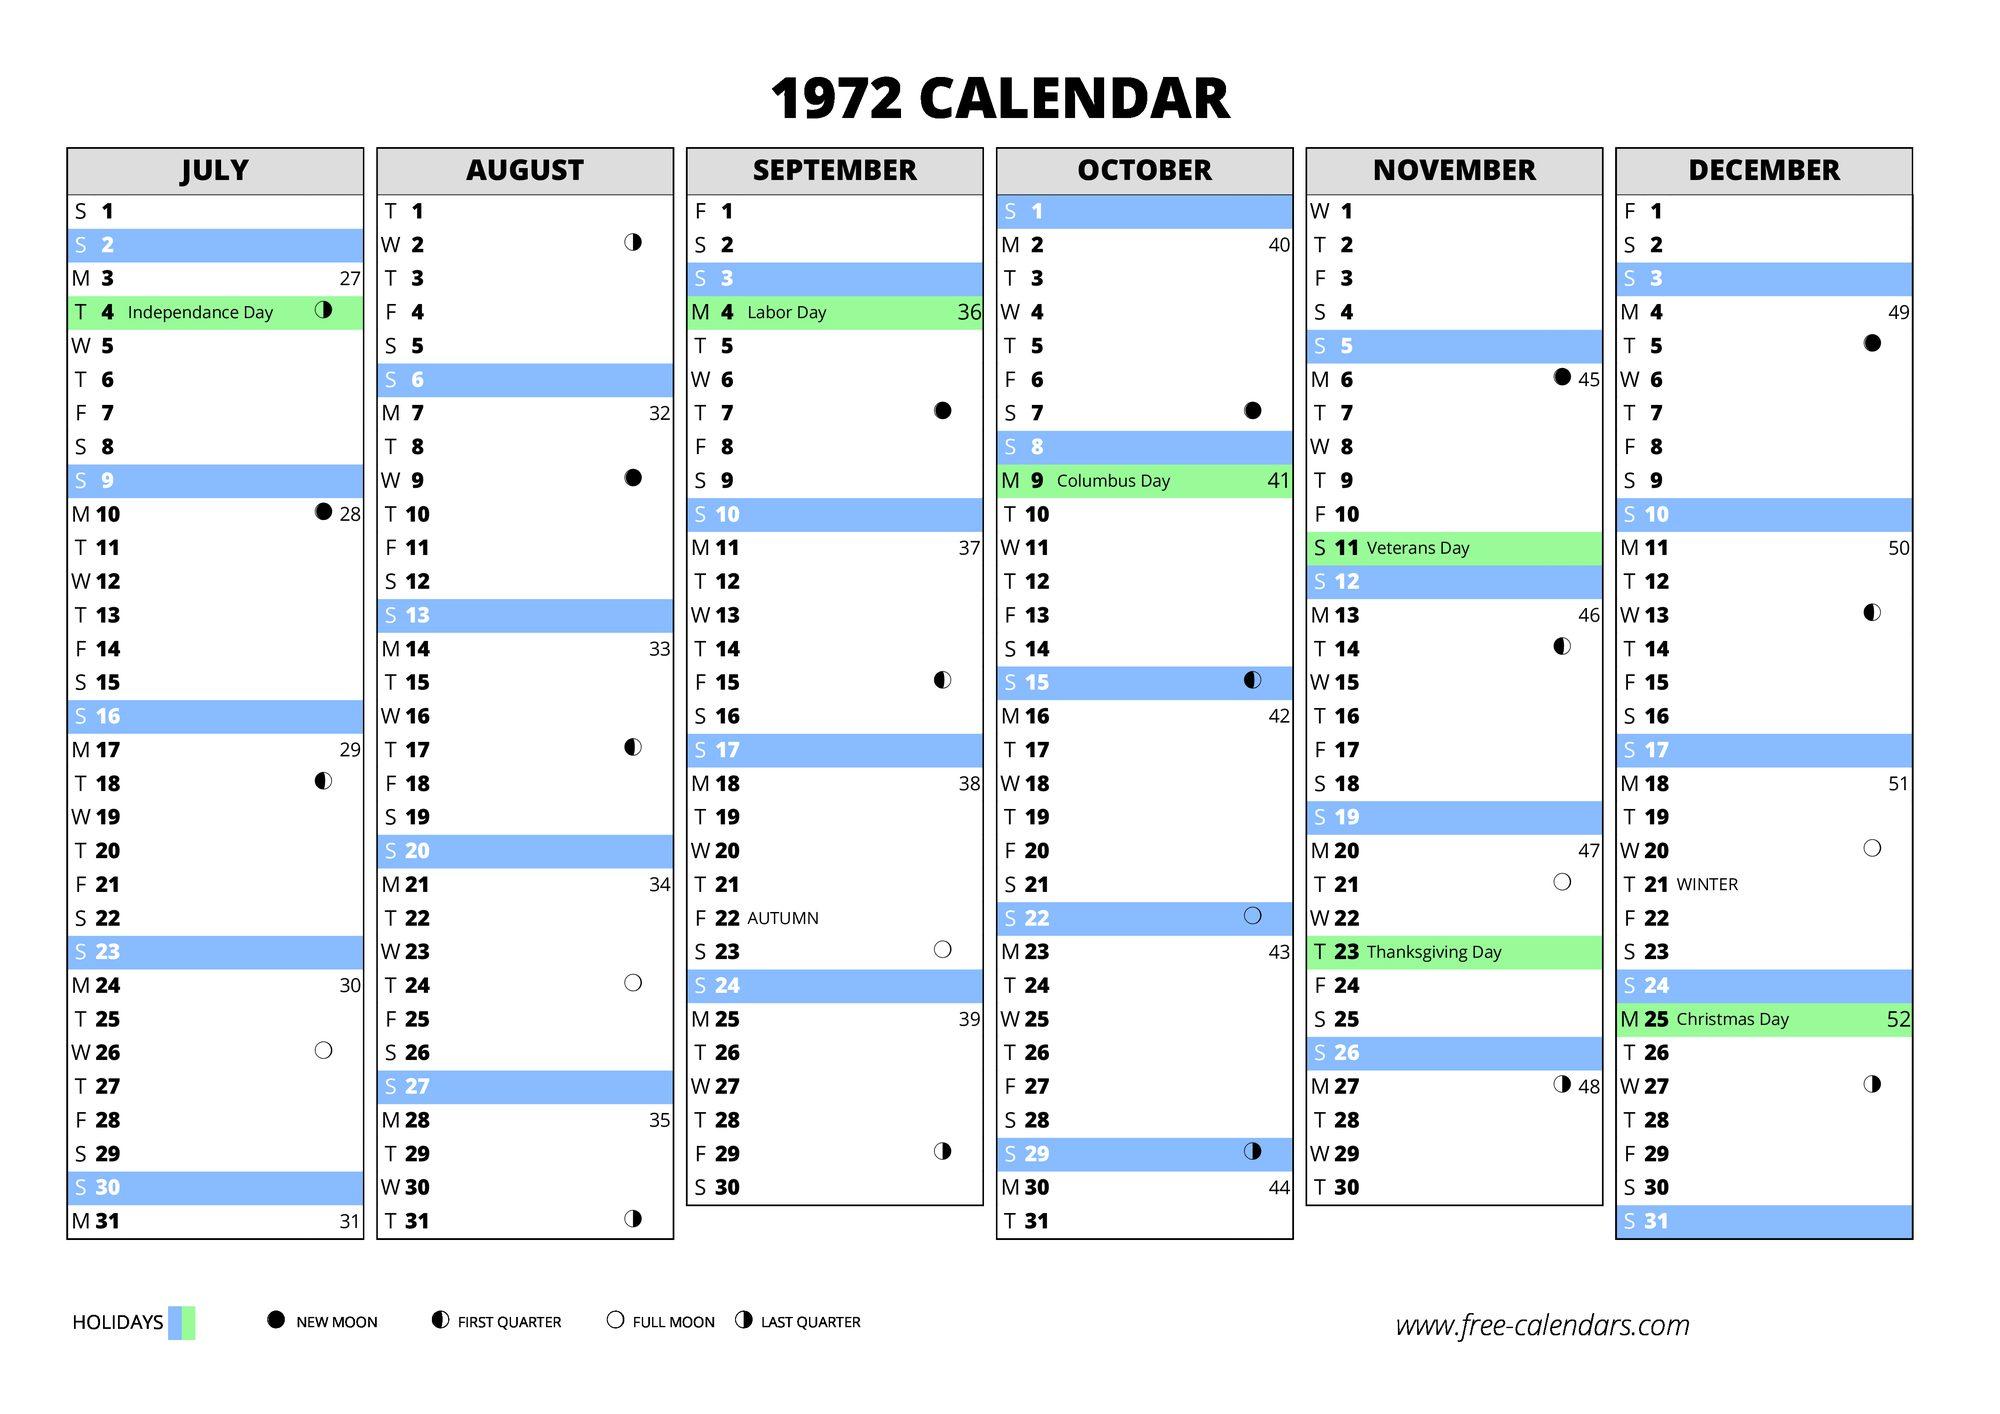 1972 Calendar Free Calendars Com